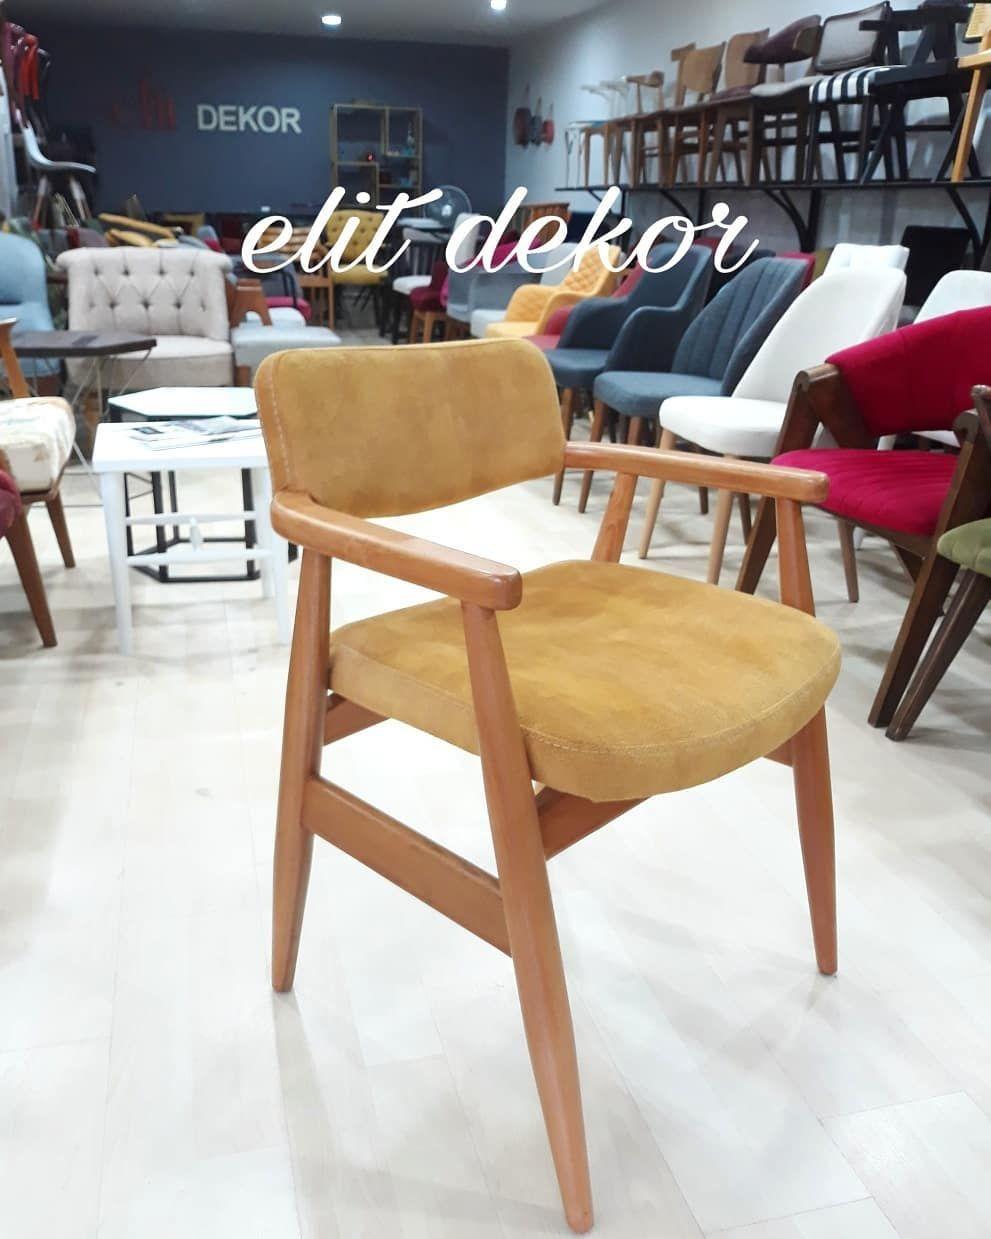 """💫🛋ELİT DEKOR sandalye masa🛋🏠 on Instagram: """"Siz hayal edin biz tasarlayalım İmalattan satış😊🏠🌐#mobilyadekorasyon #mobilyaboyama #dekorasyonönerileri #desing #dekoratifurunler…"""""""